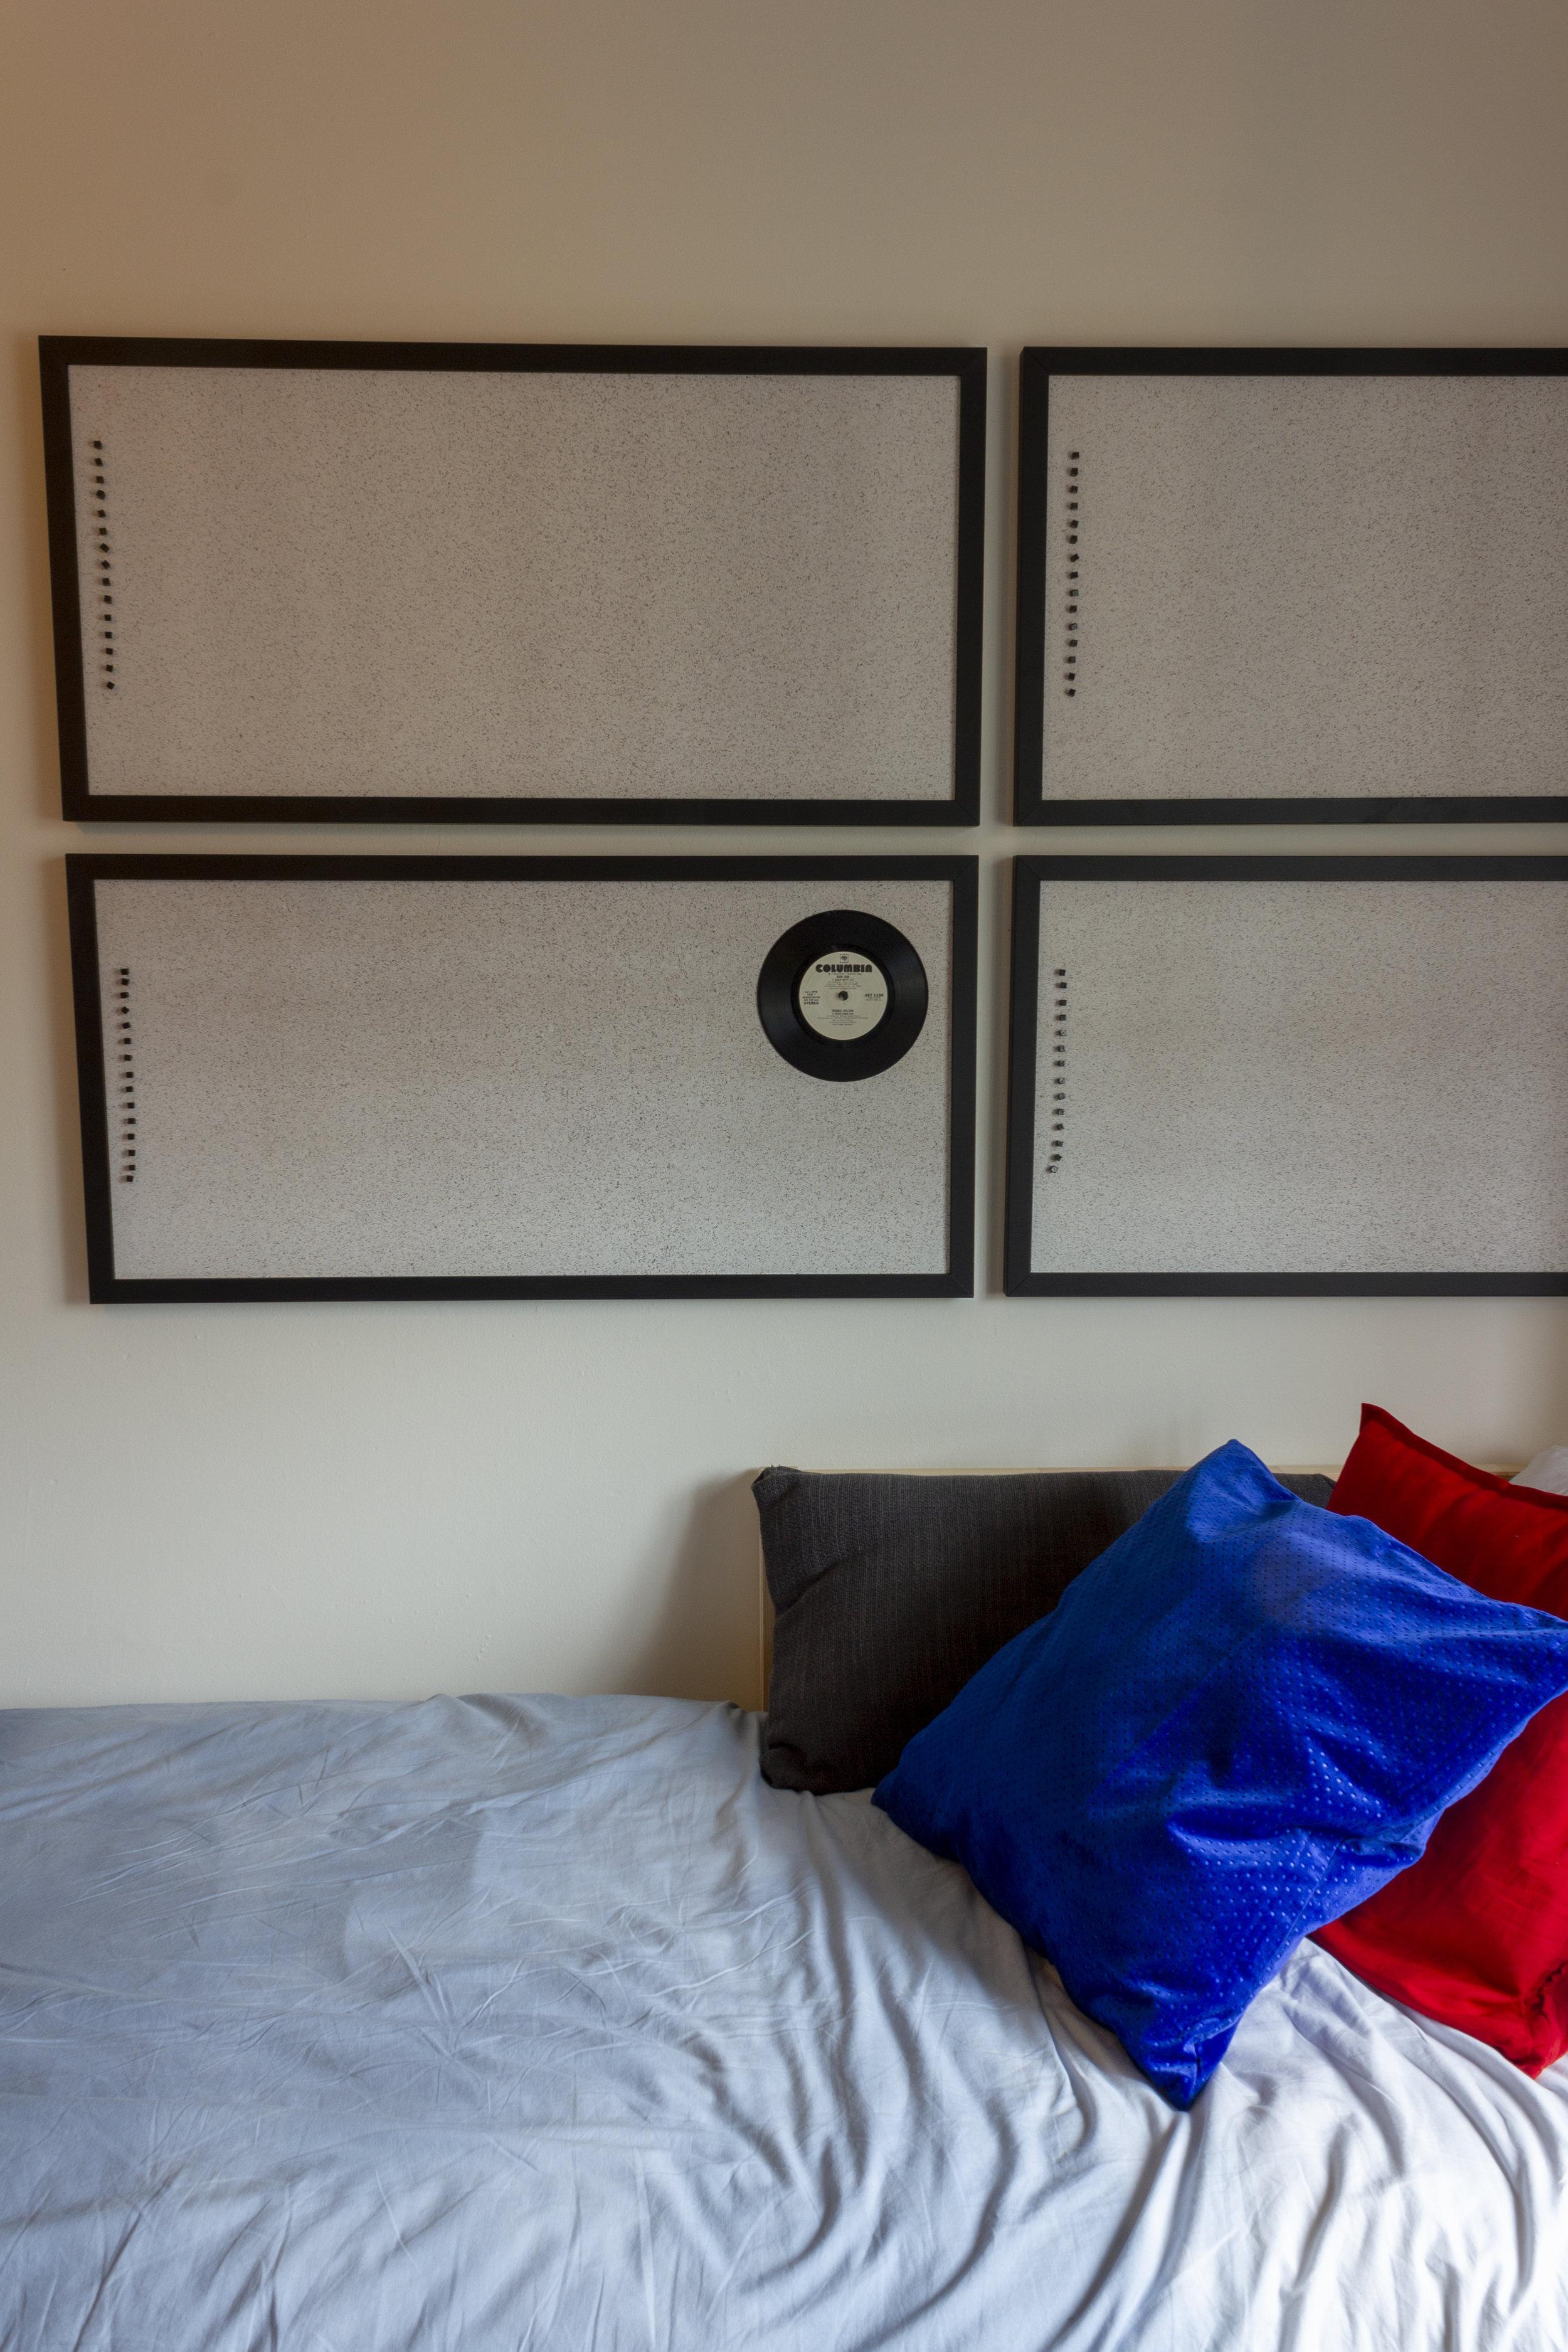 HR - Laytown - After - Bedroom 14.jpg